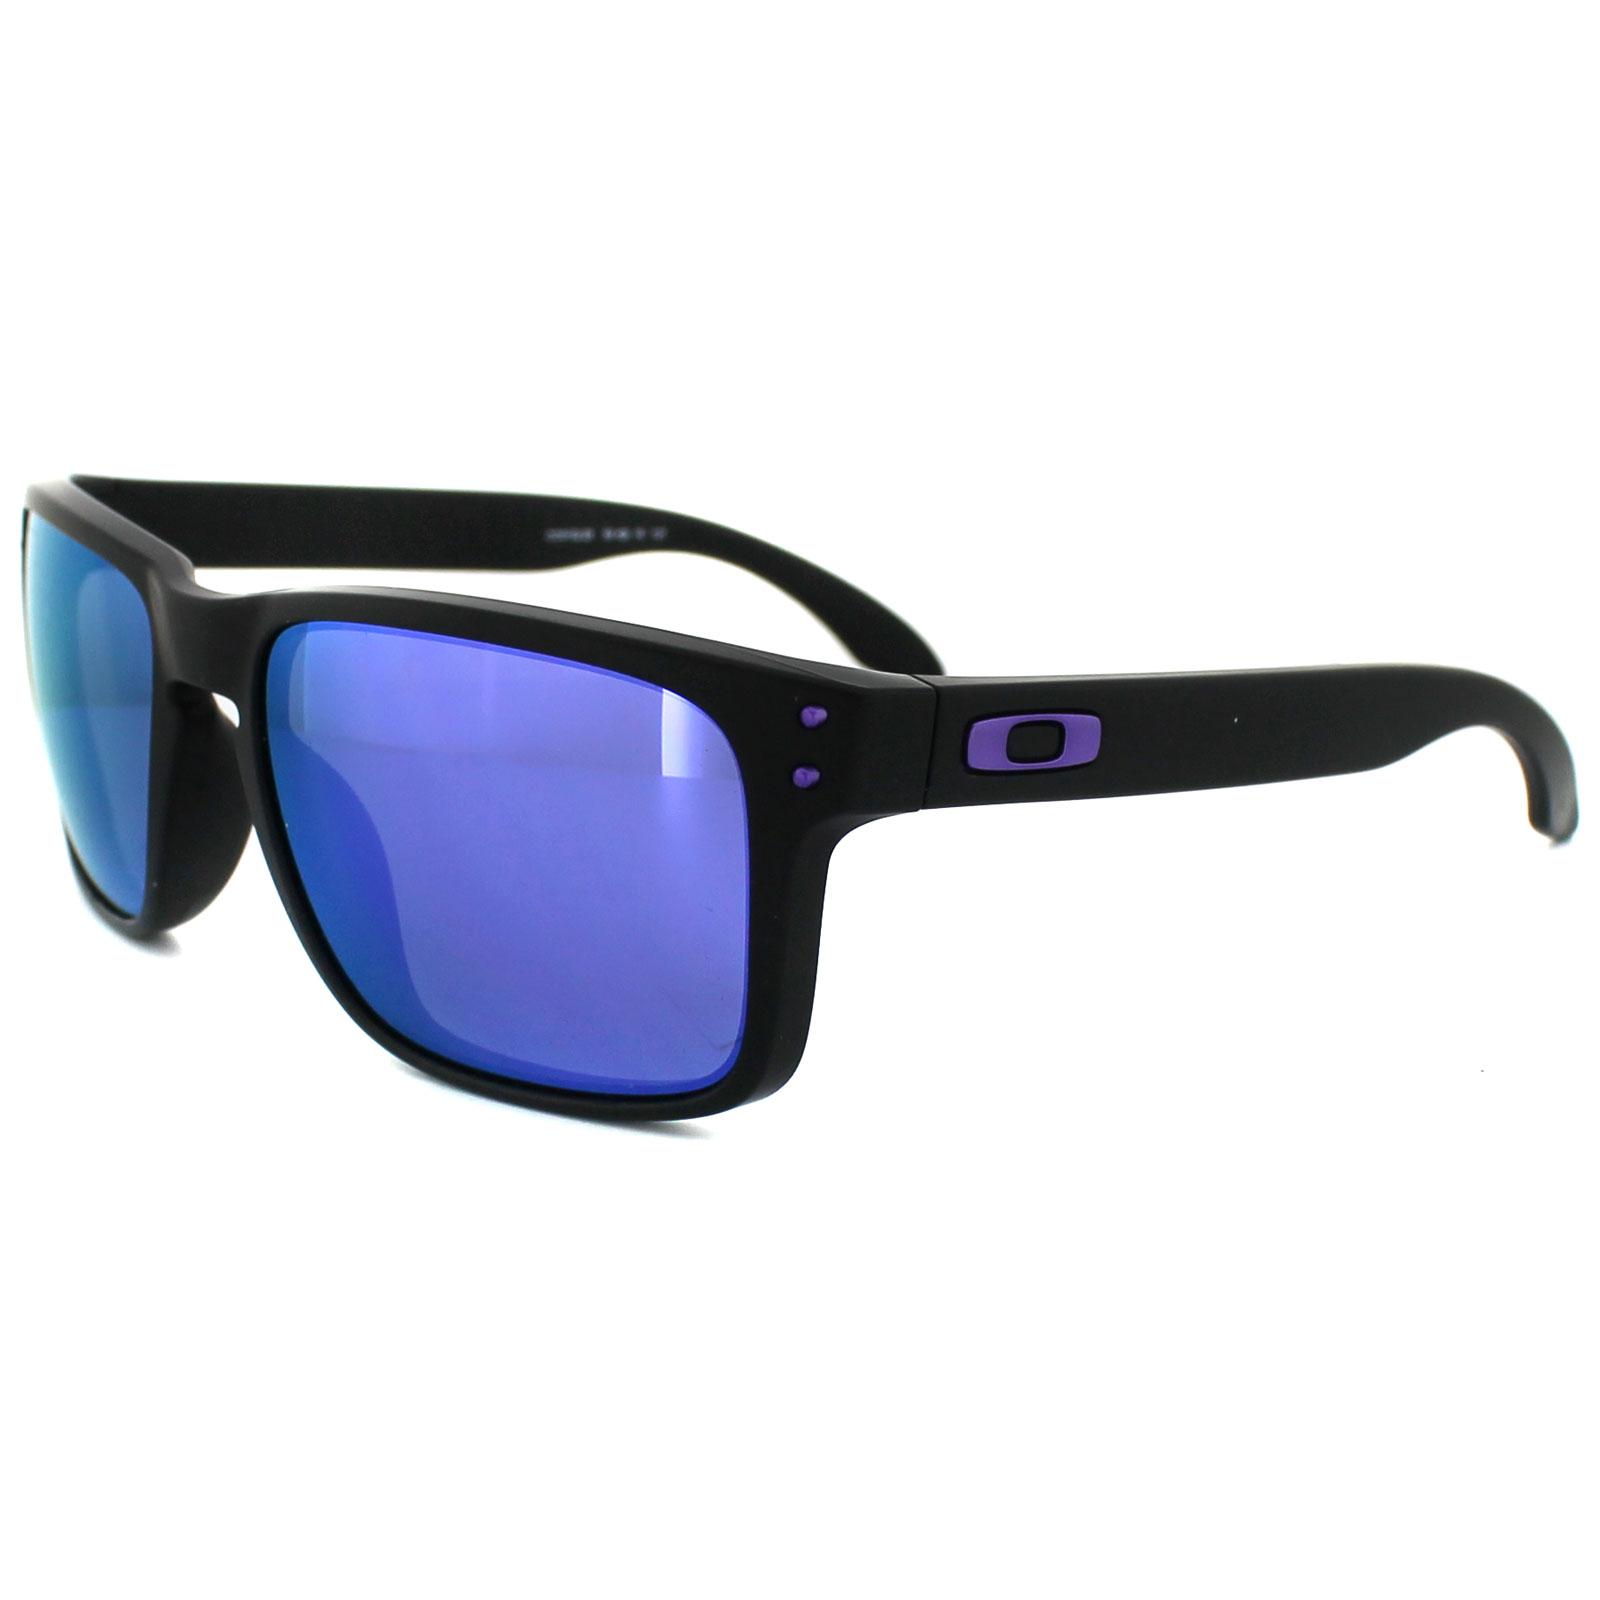 oakley holbrook crystal black violet iridium sunglasses oo9102-45